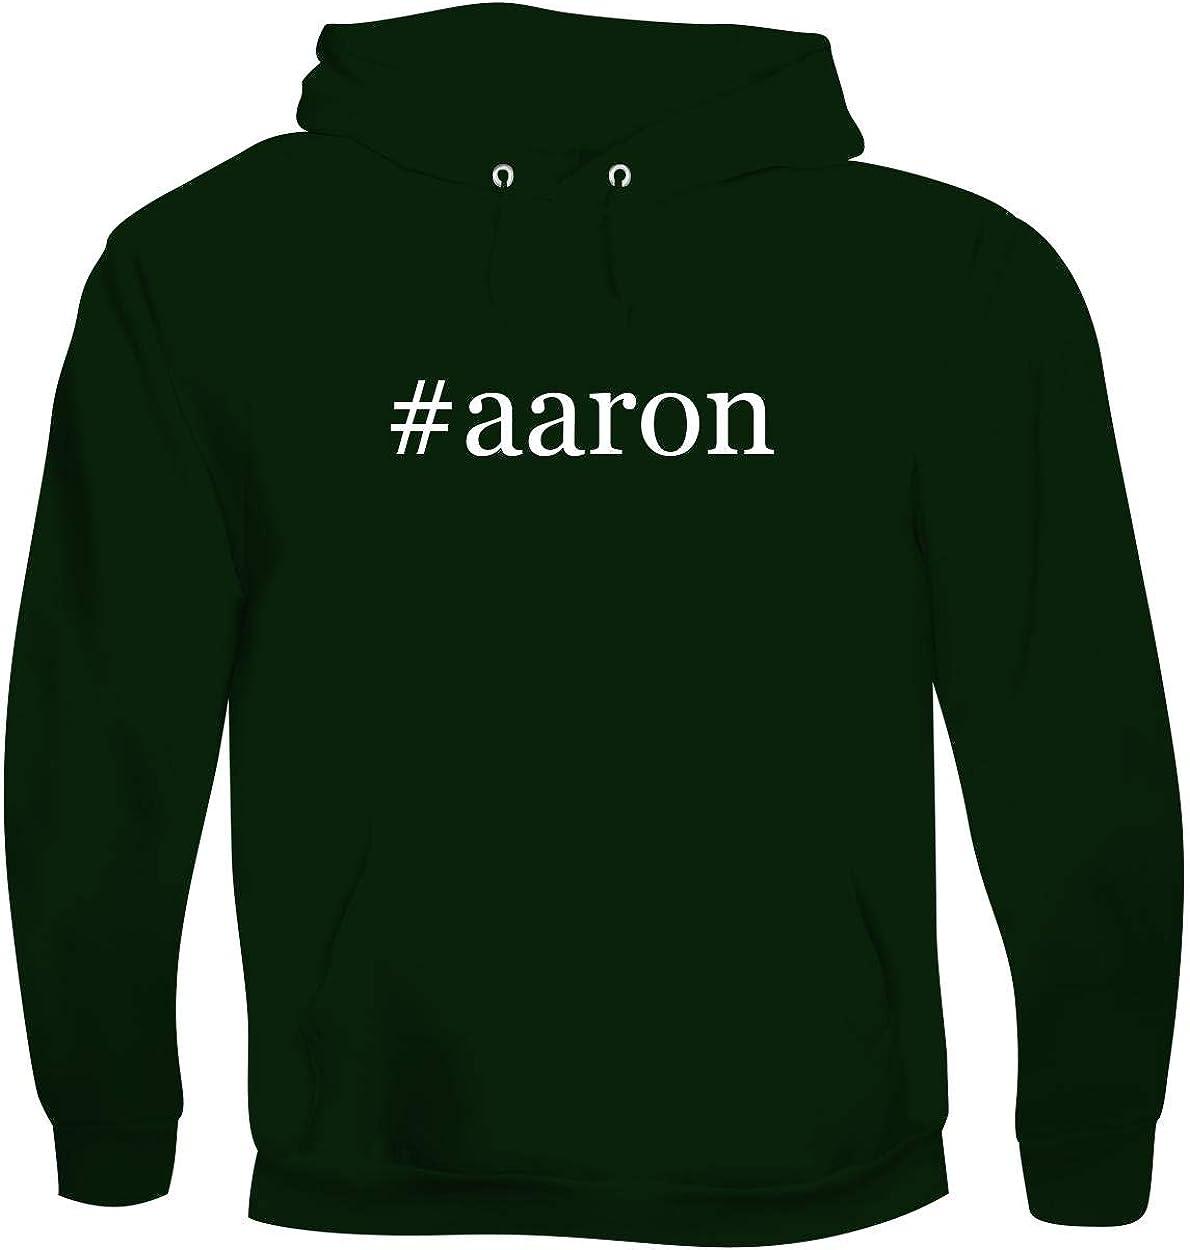 #aaron - Men's Hashtag Soft & Comfortable Hoodie Sweatshirt Pullover